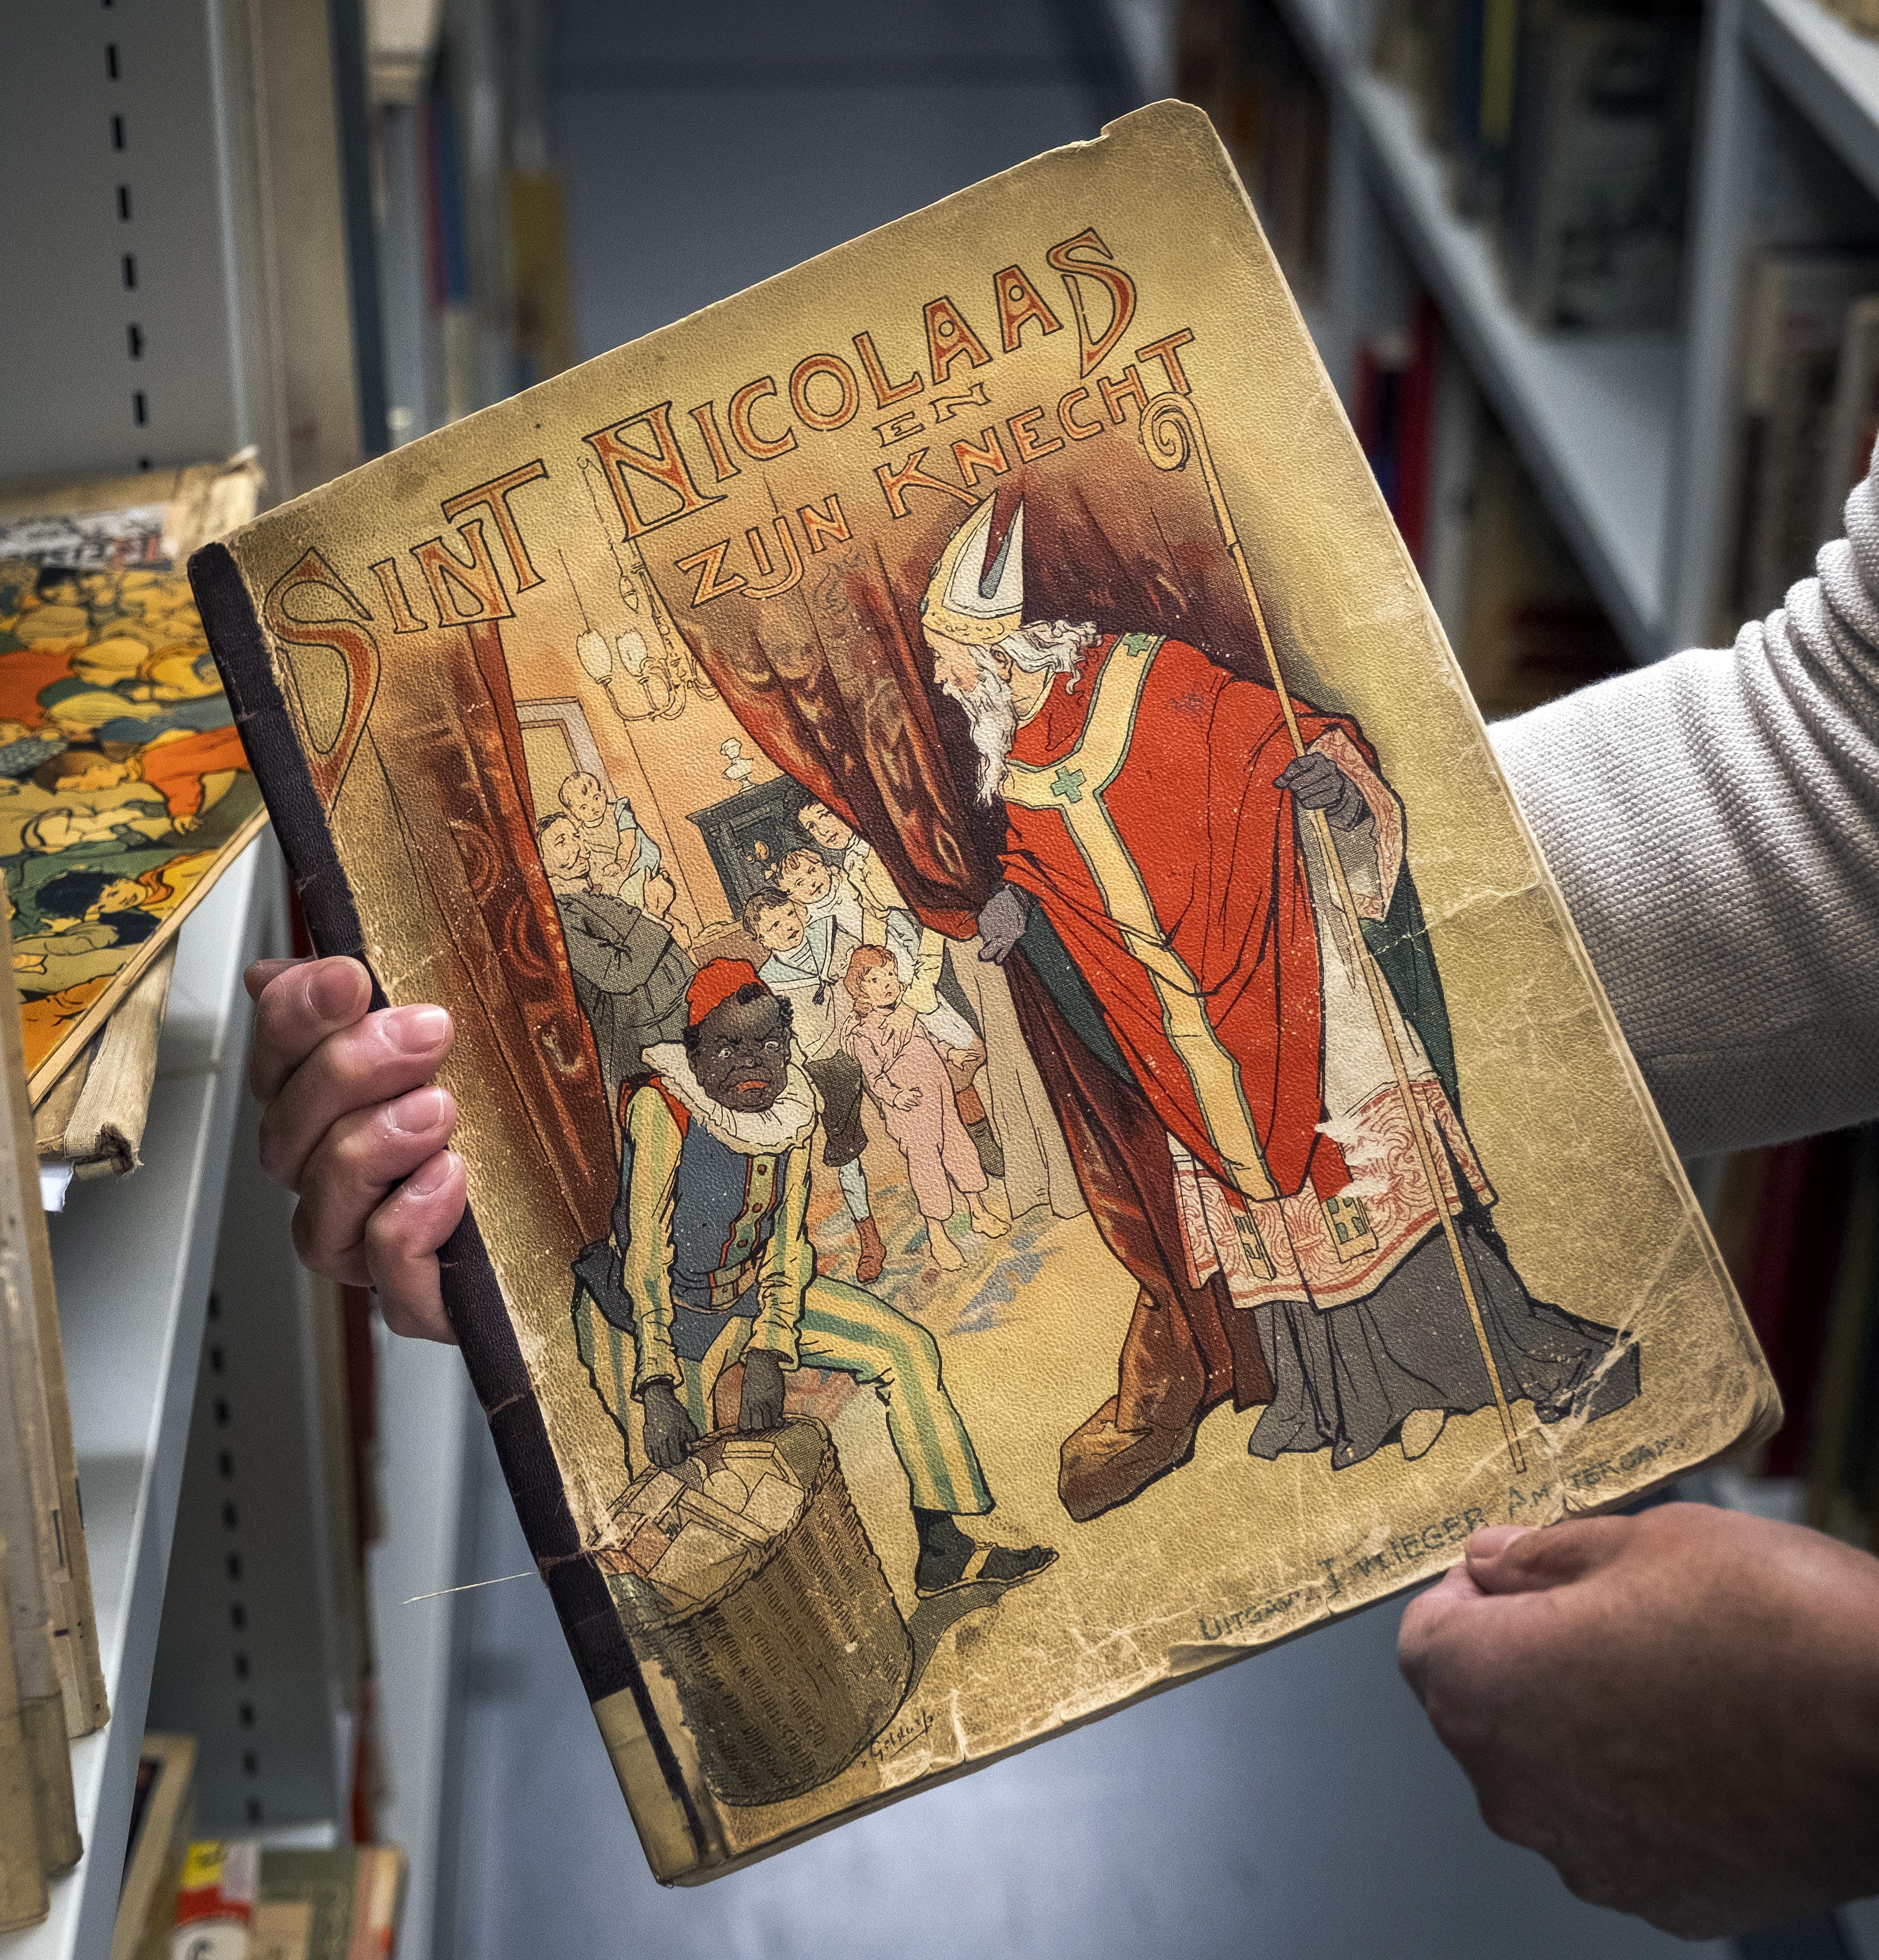 West-Friese bibliotheken mogen Zwarte Piet niet in de ban doen, aldus ruime meerderheid: 'Als je dit breed doorvoert, is de bieb snel leeg'